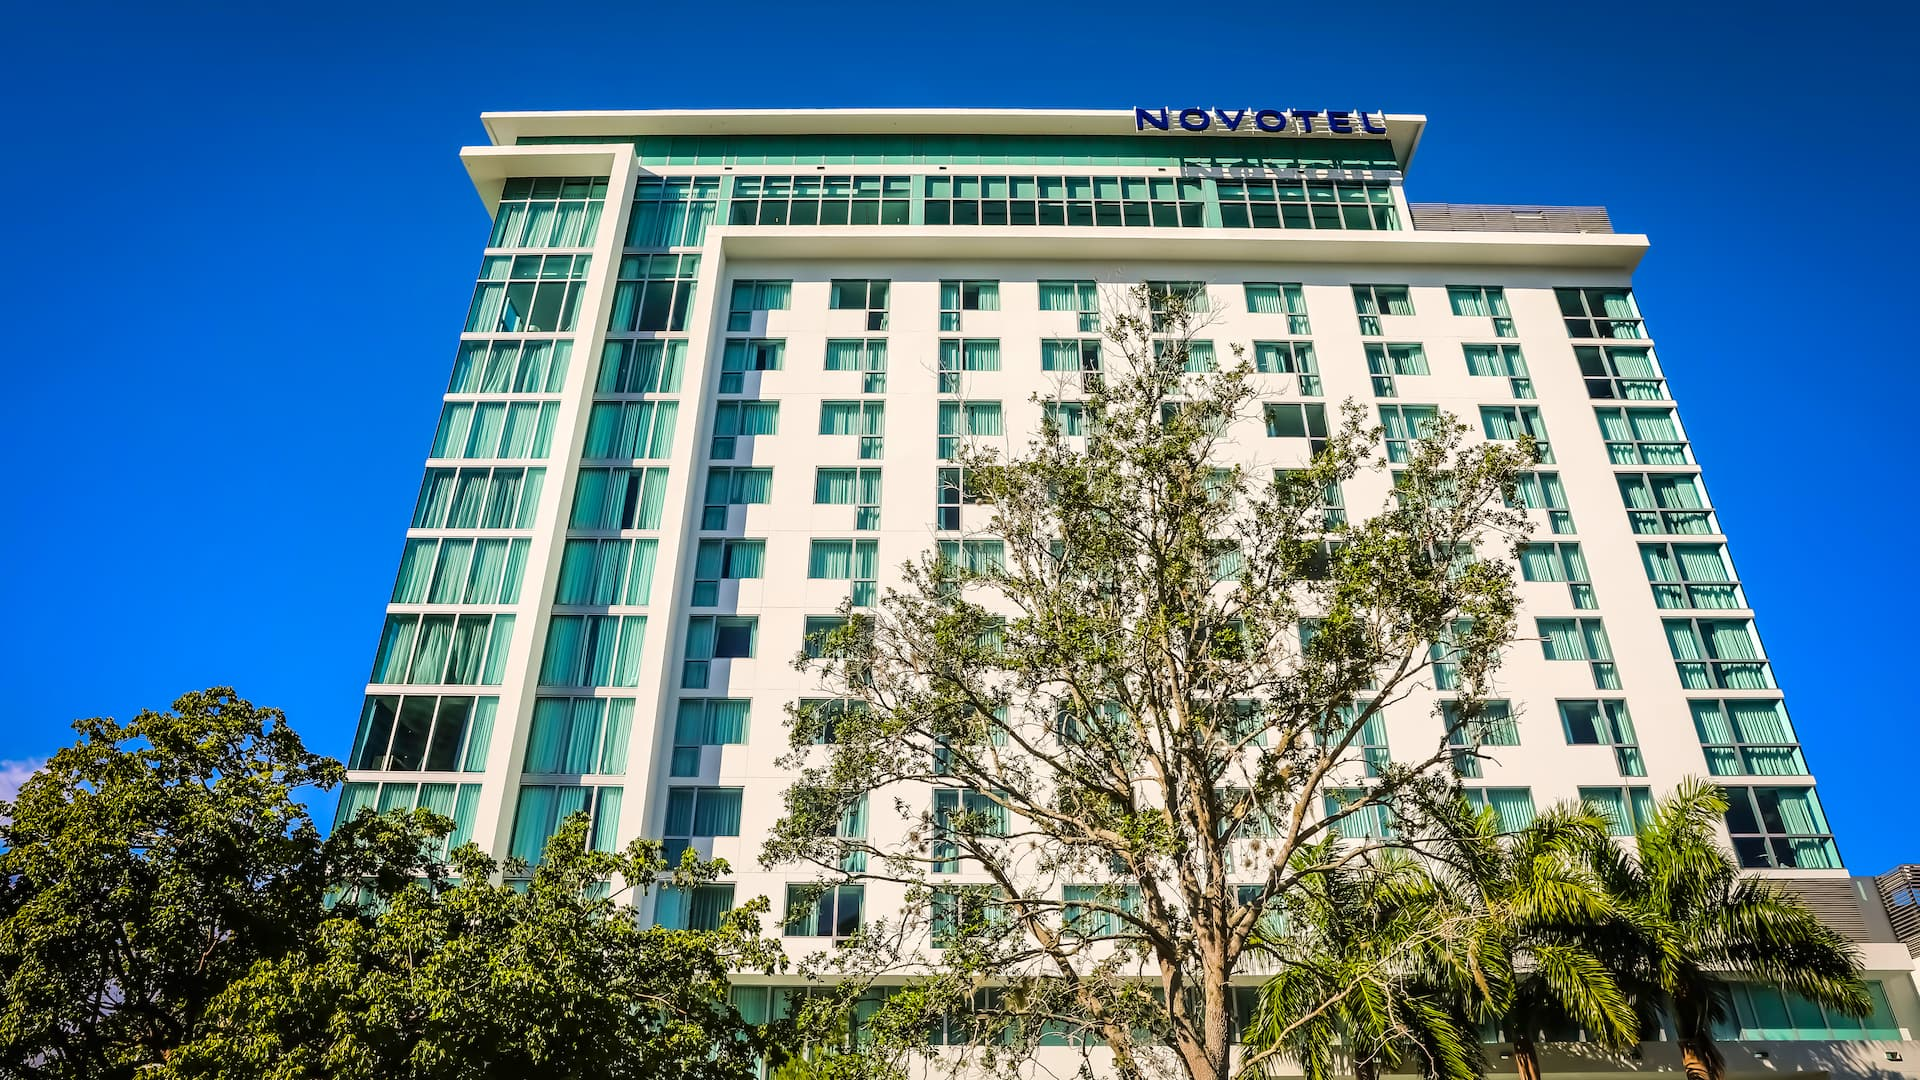 REVIEW Hotel Novotel Brickell Miami: gran relación entre precio y servicio